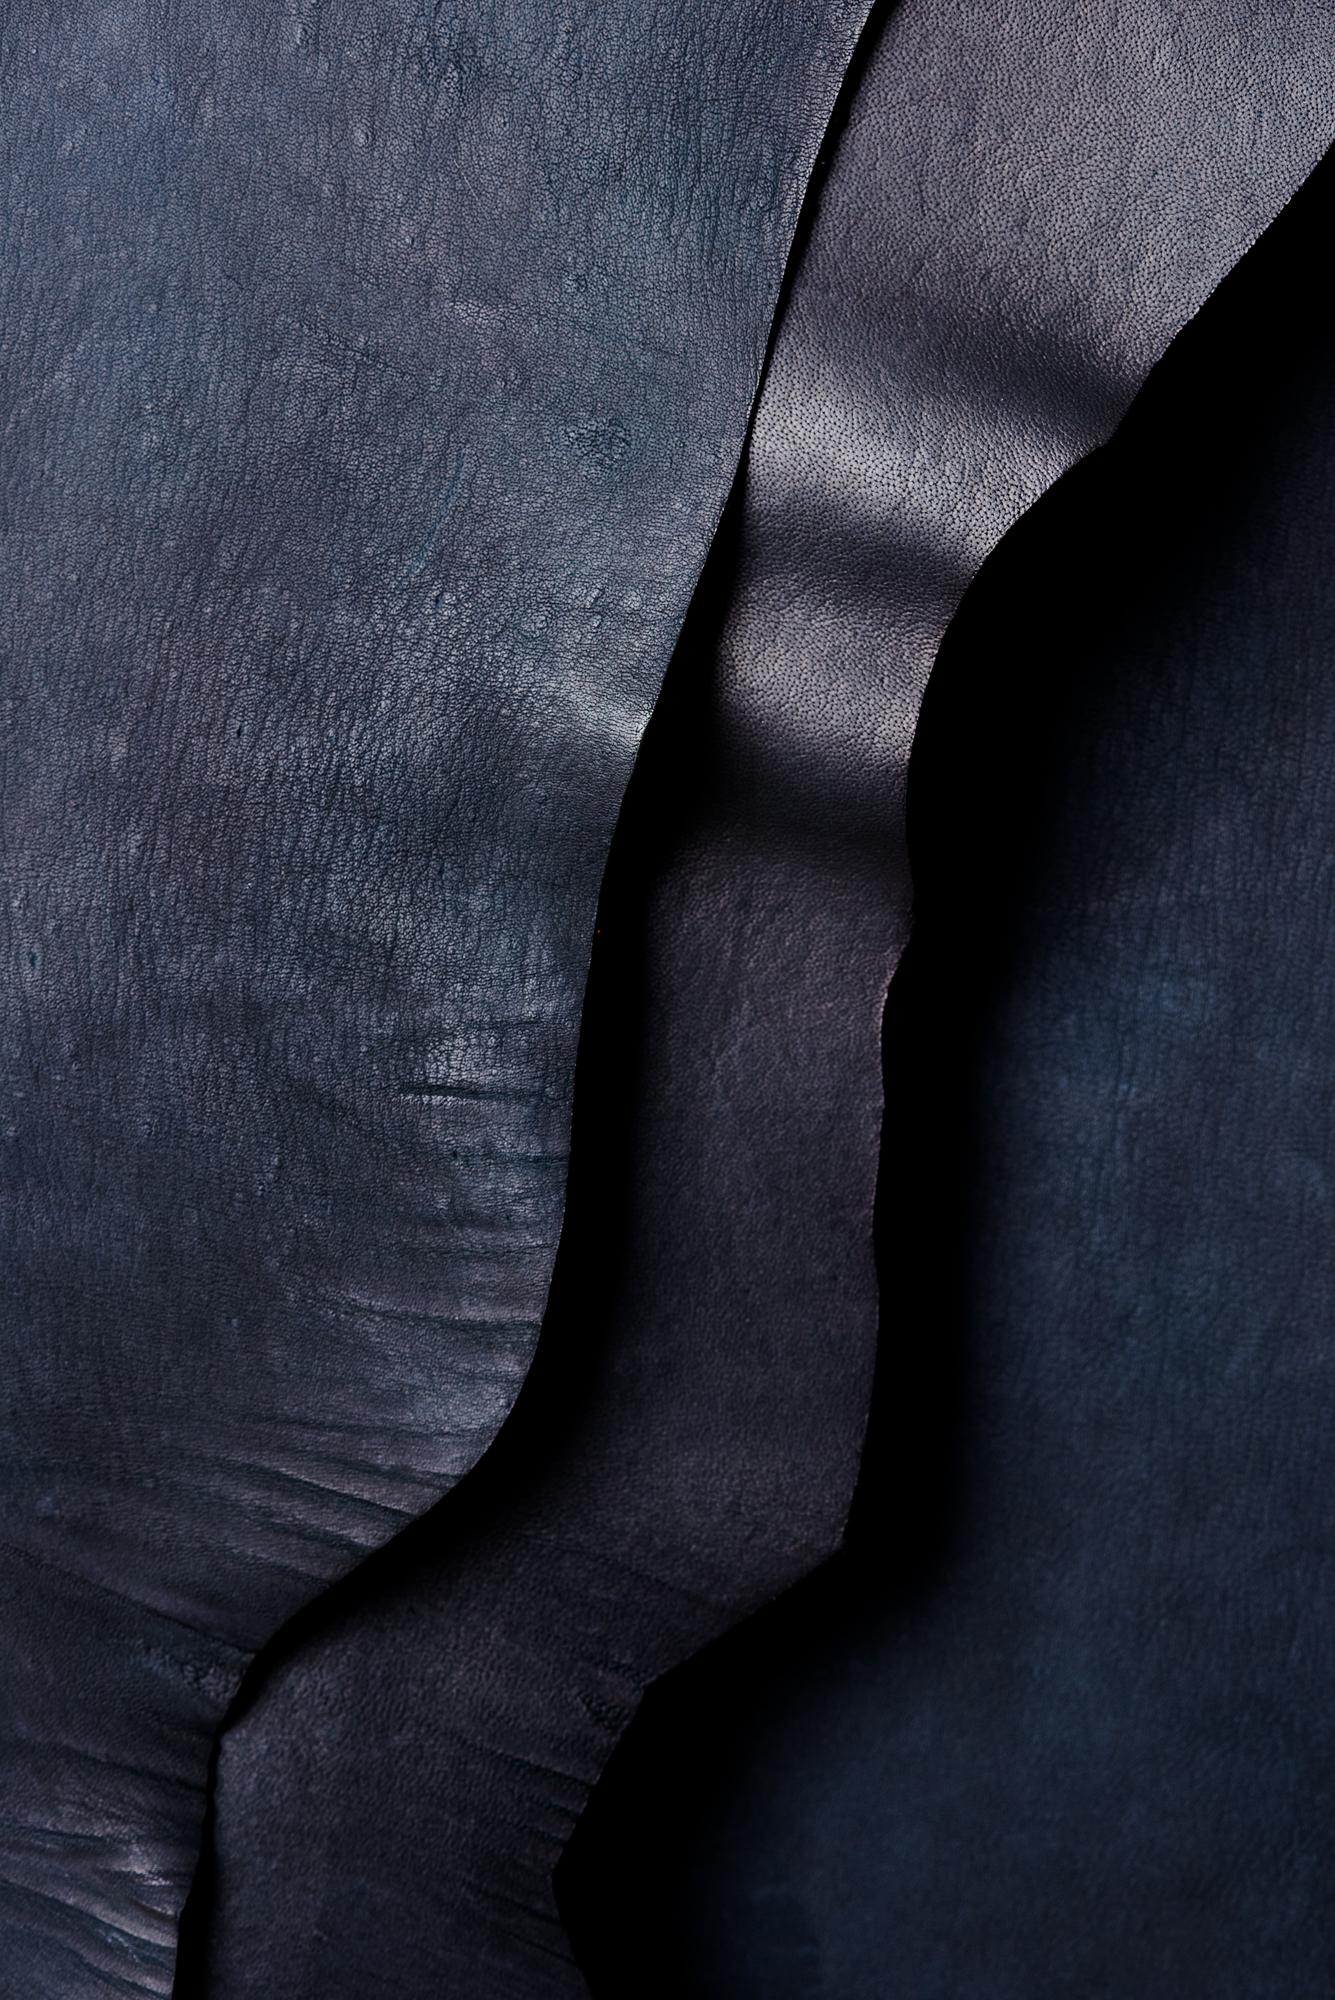 20170629_LeatherHides_Black-016.jpg